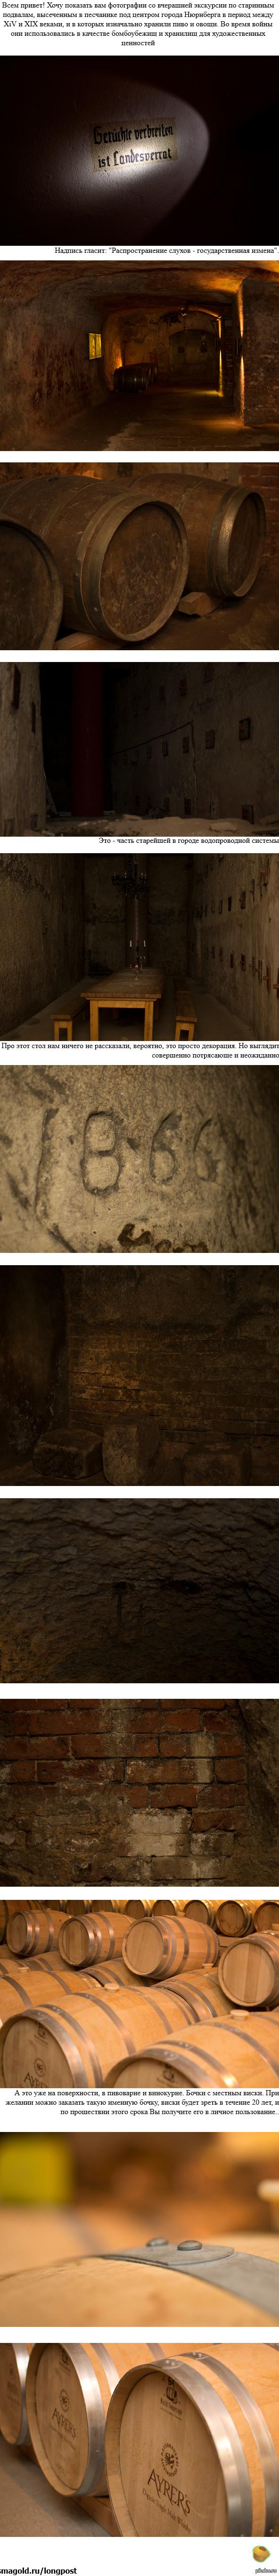 Старинные подвалы под Нюрнбергом